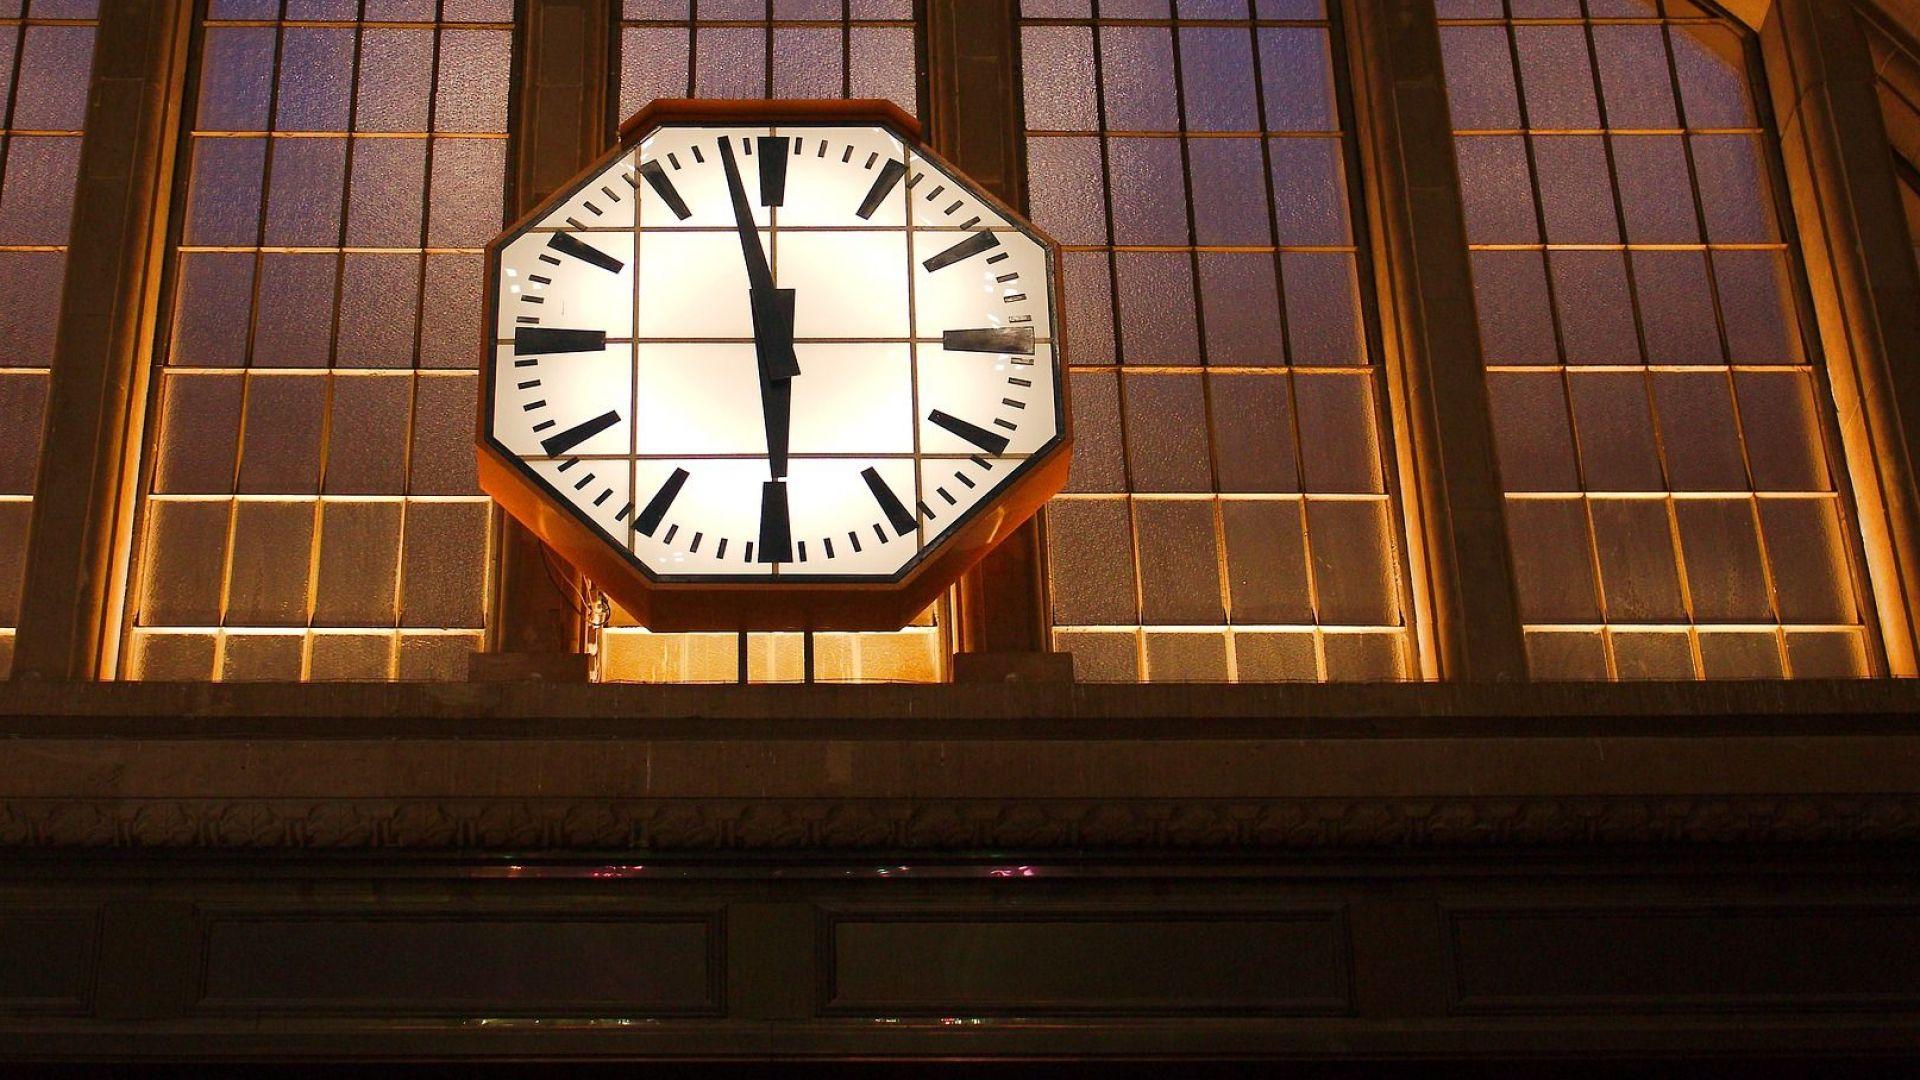 Преместихме часовниците с 1 час напред, опасност от катастрофи и инфаркти